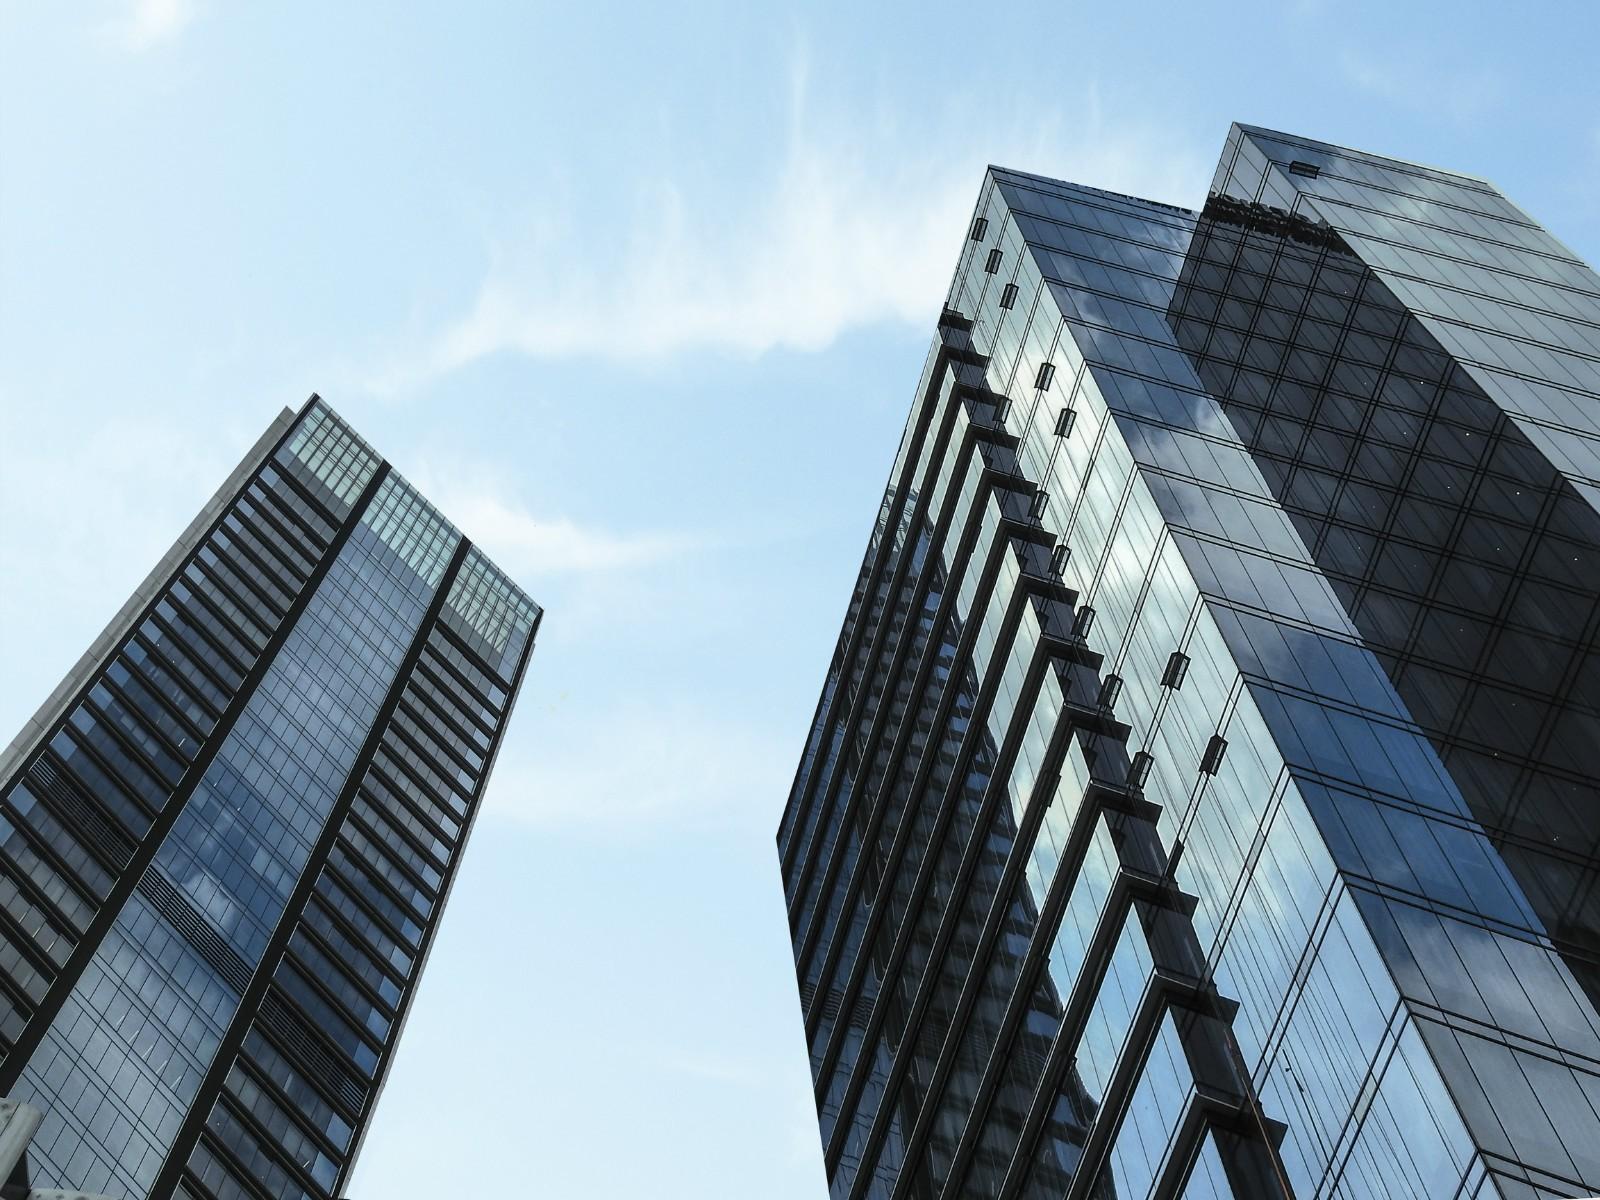 天津市代理记账公司企业共享修理机电维修、整修和维护保养在增值税中的区别